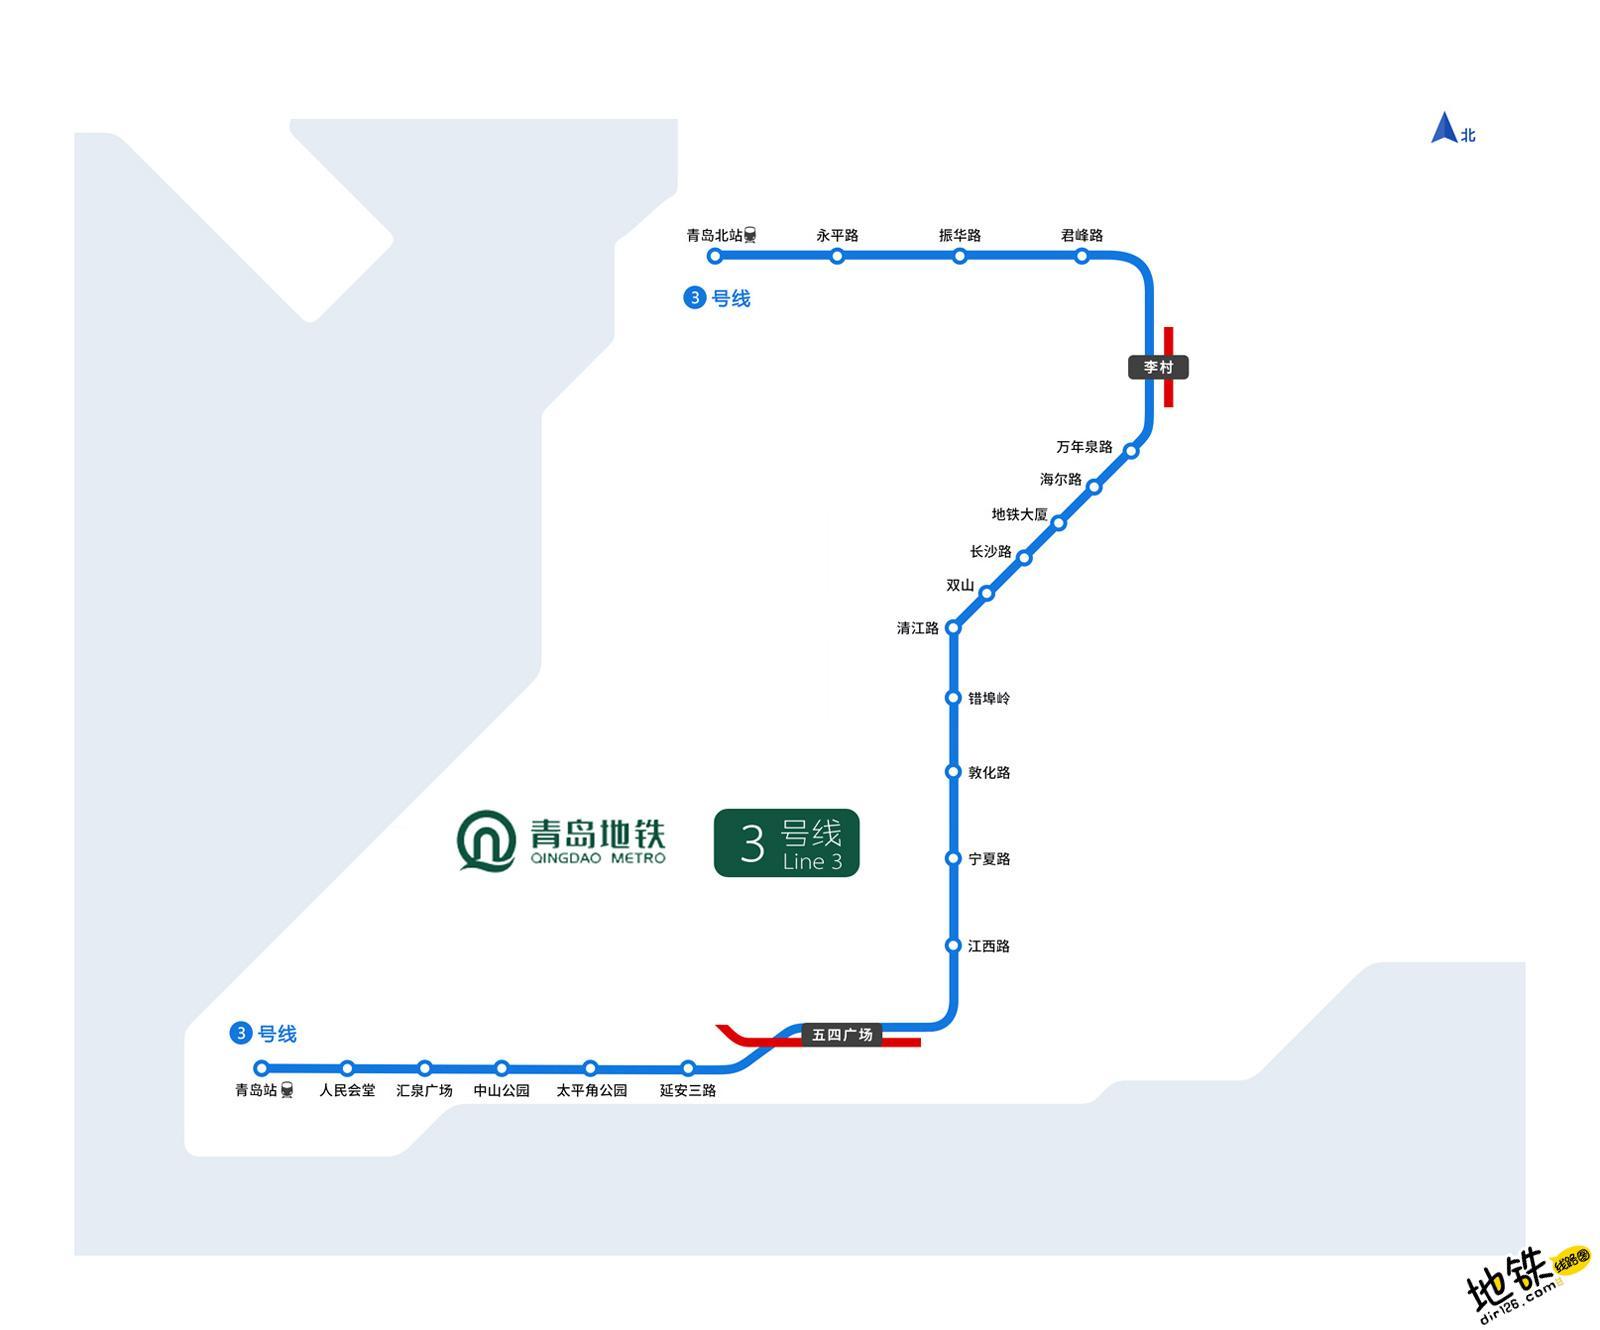 青岛地铁3号线线路图 运营时间票价站点 查询下载 青岛地铁3号线查询 青岛地铁3号线运营时间 青岛地铁3号线线路图 青岛地铁3号线 青岛地铁三号线 青岛地铁线路图  第2张